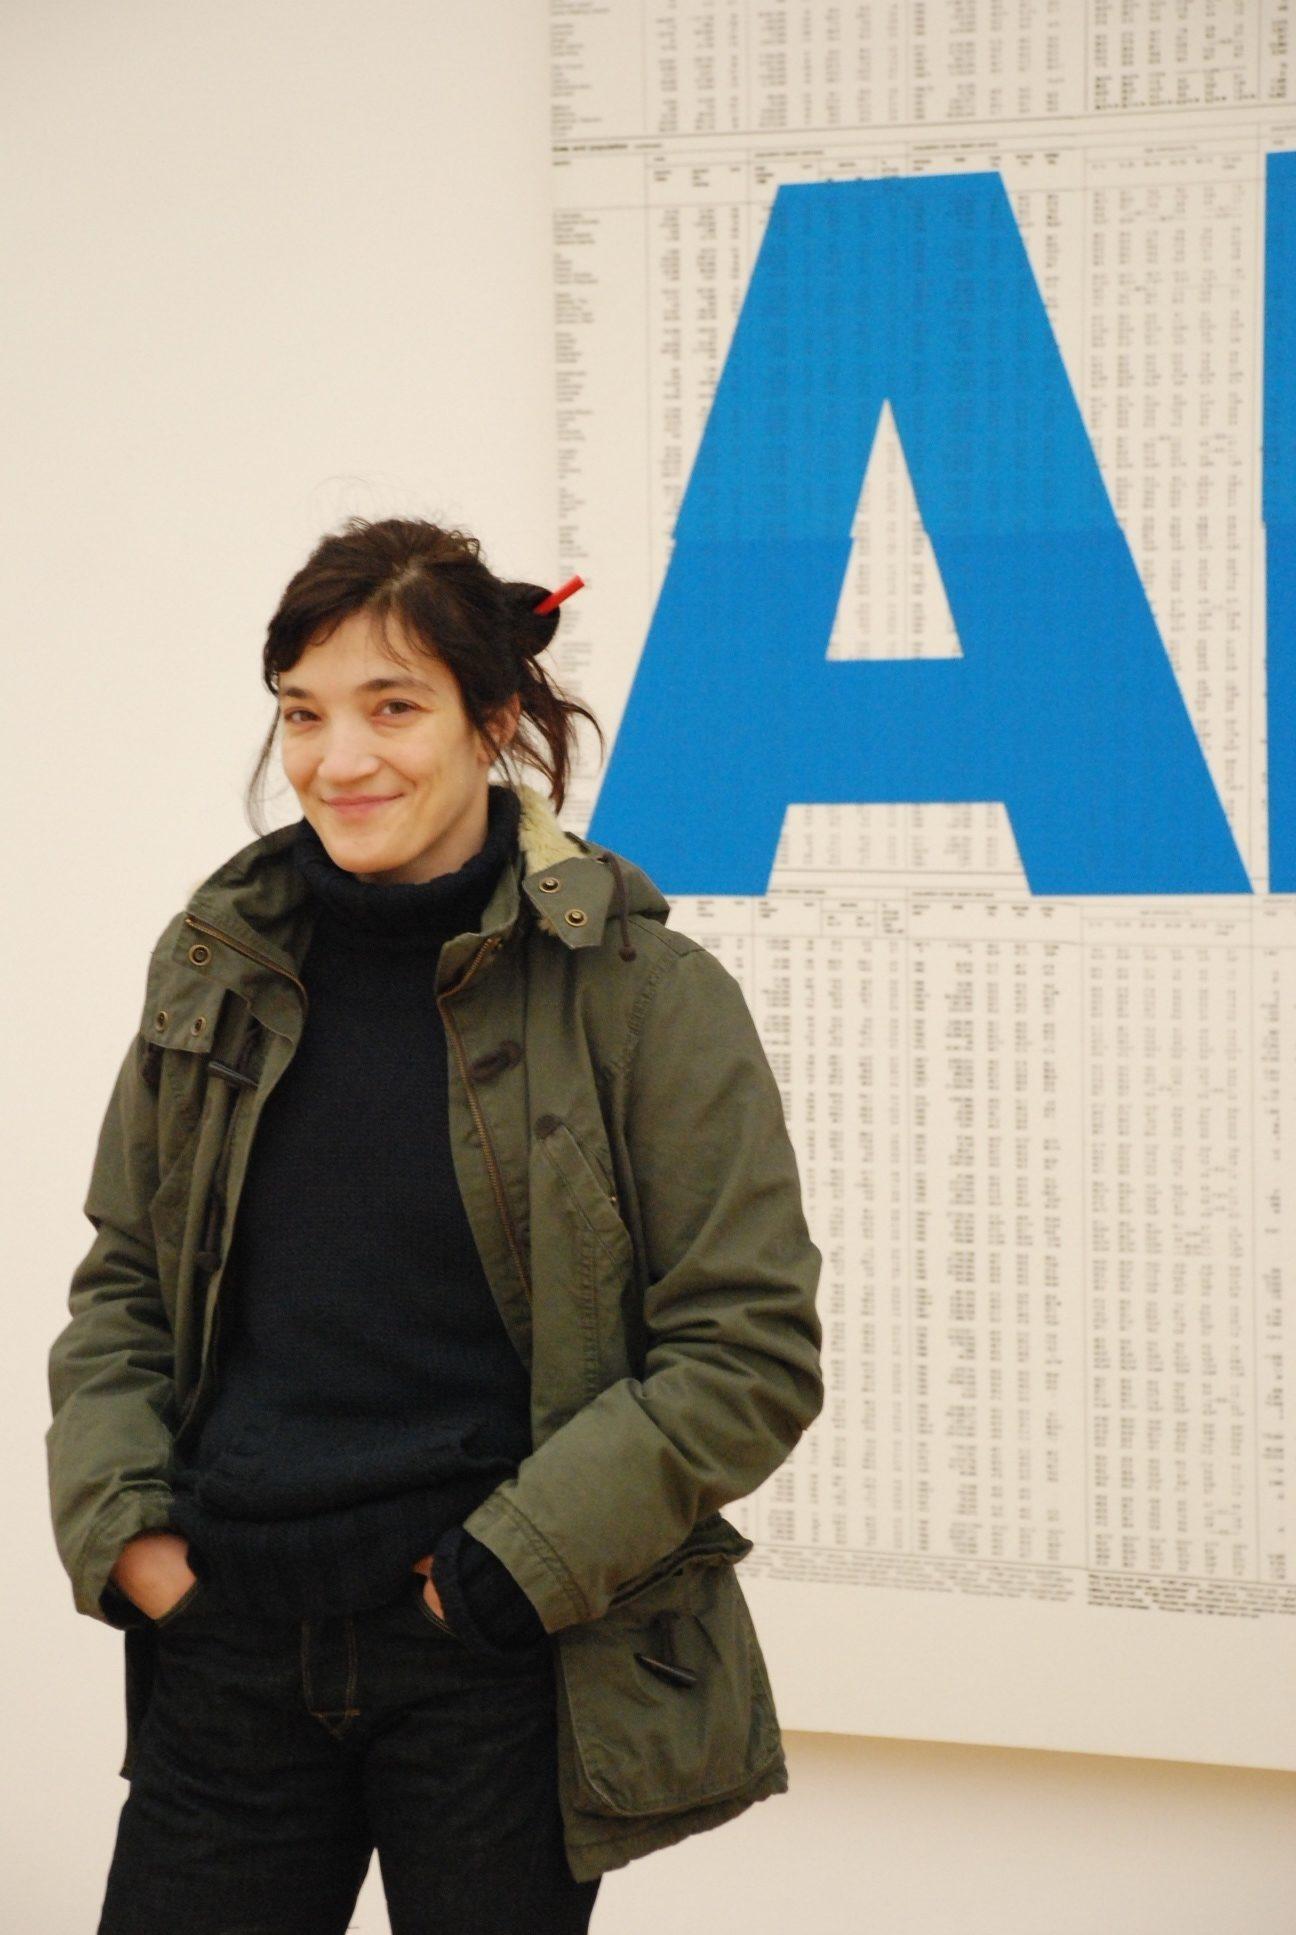 Paola Lattanzi